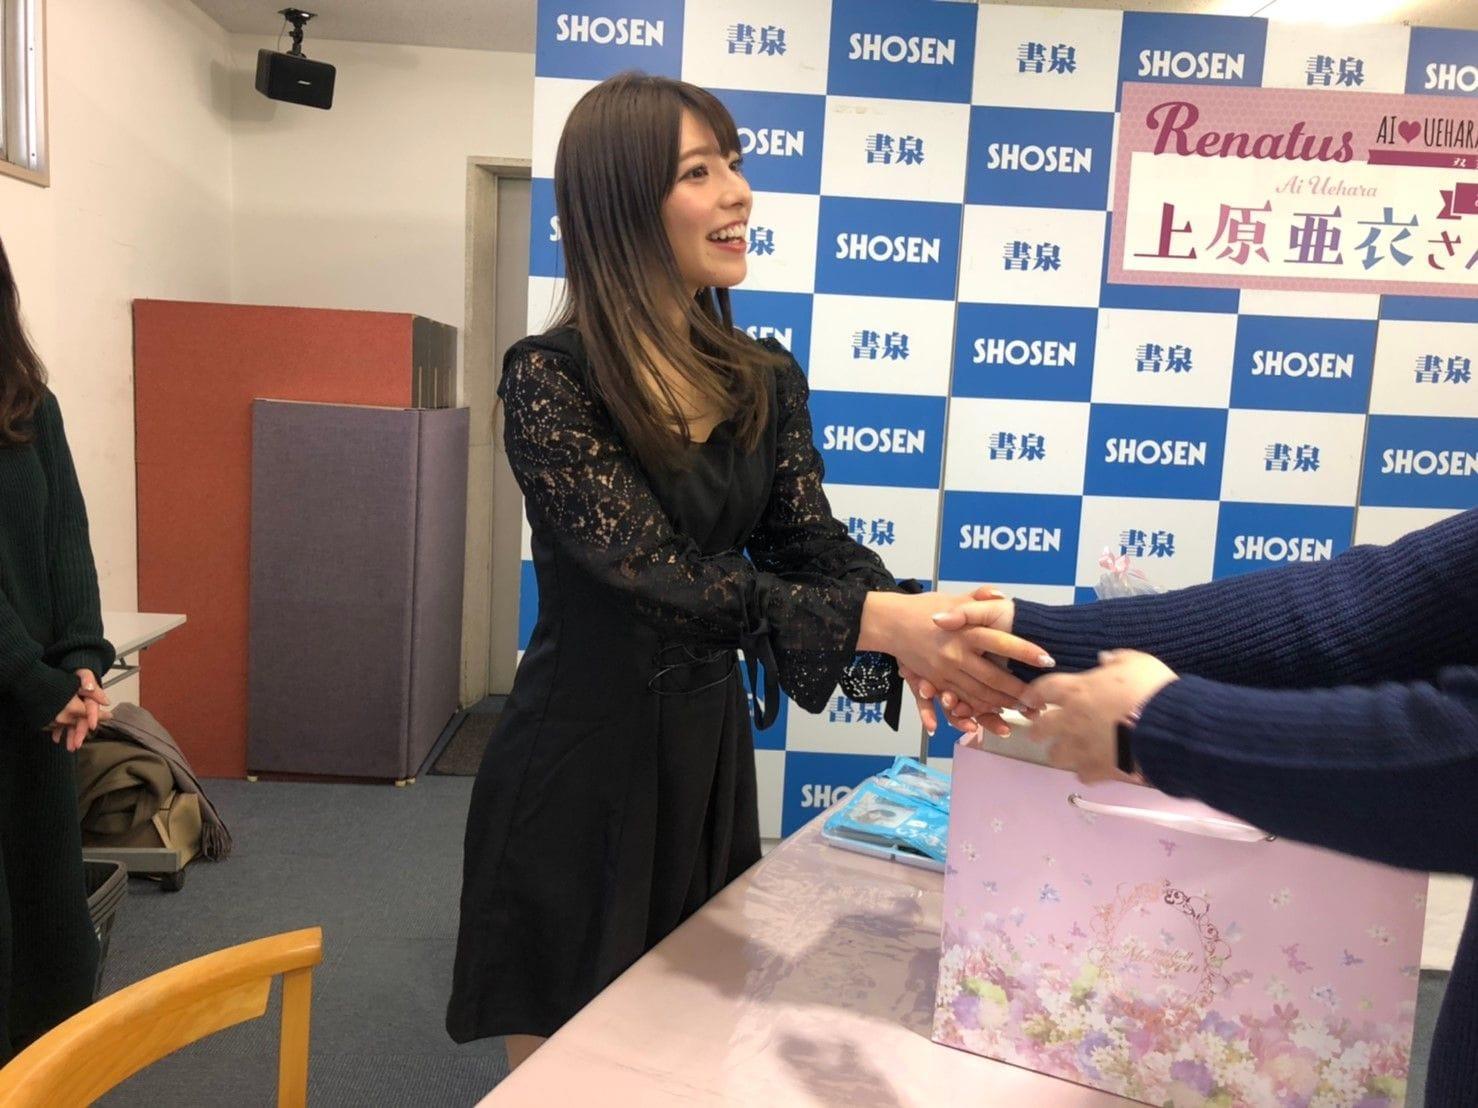 上原亜衣が自著発売イベント開催「女の子に向けてもいろいろと発信いきたい」【写真8枚】の画像006